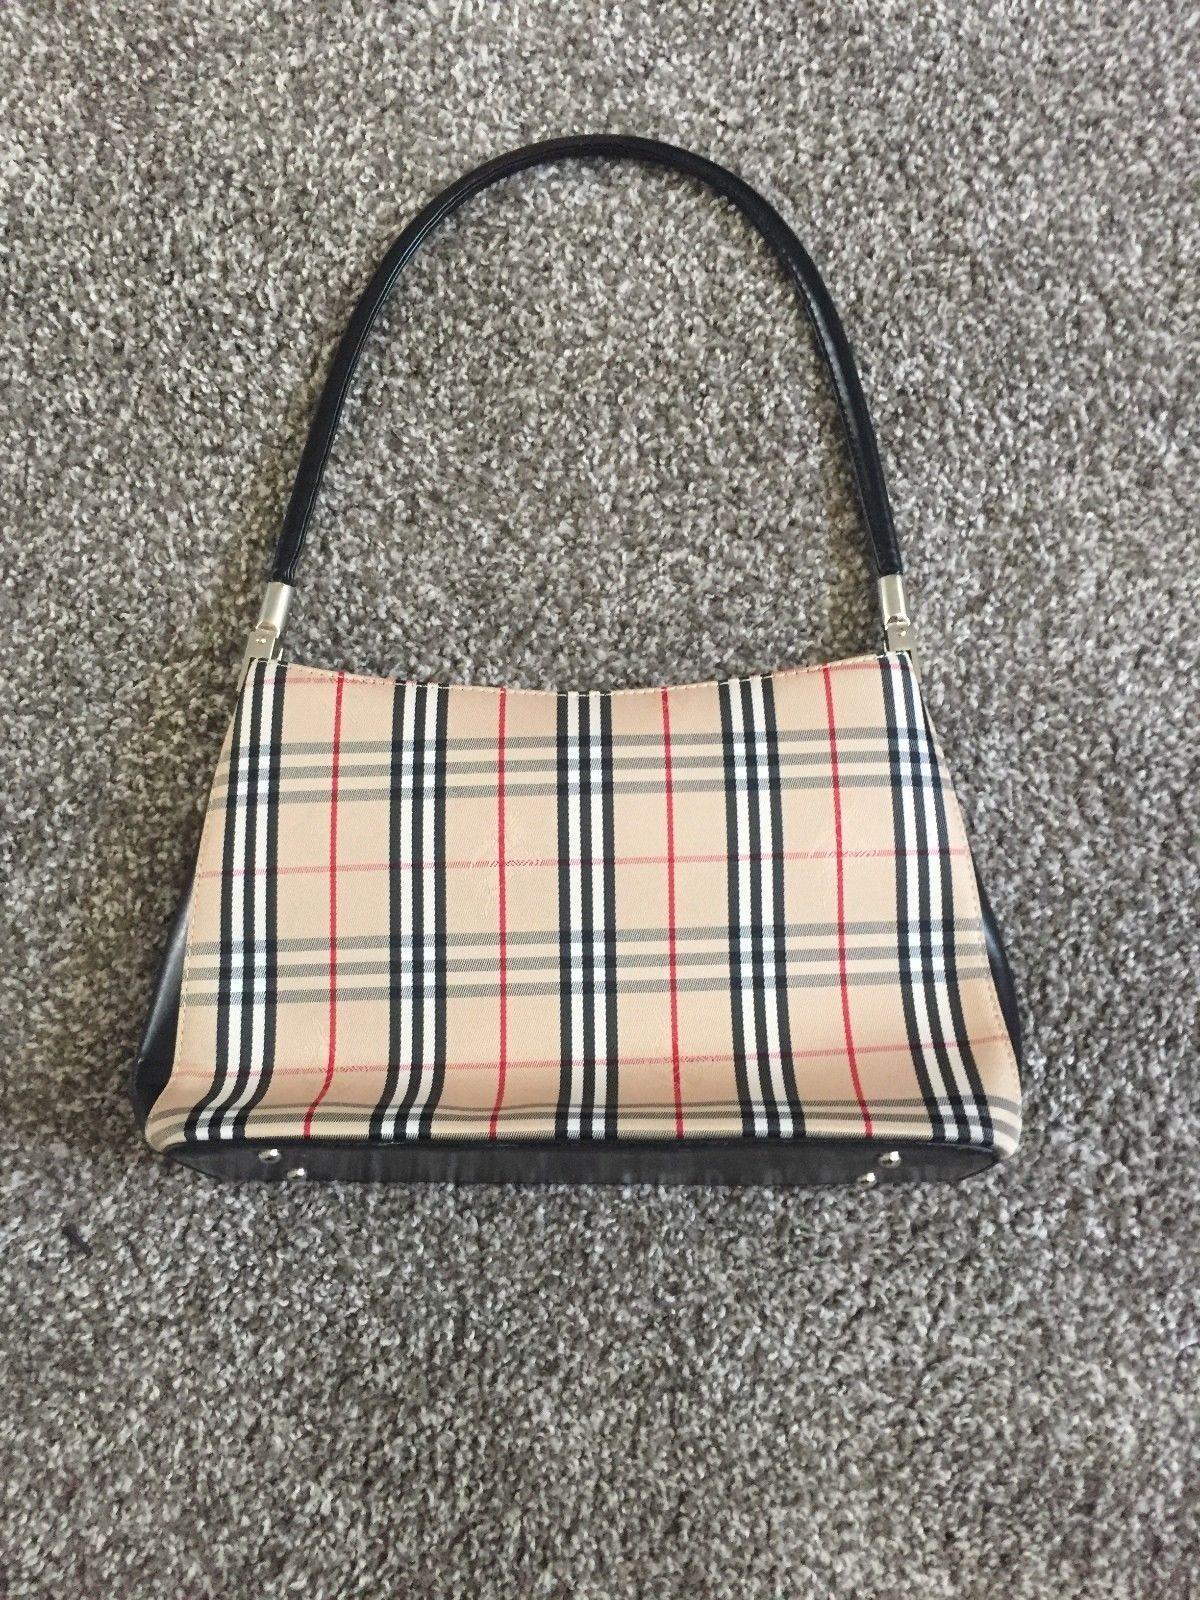 Burberry Handbag Small Gently Used 20 0